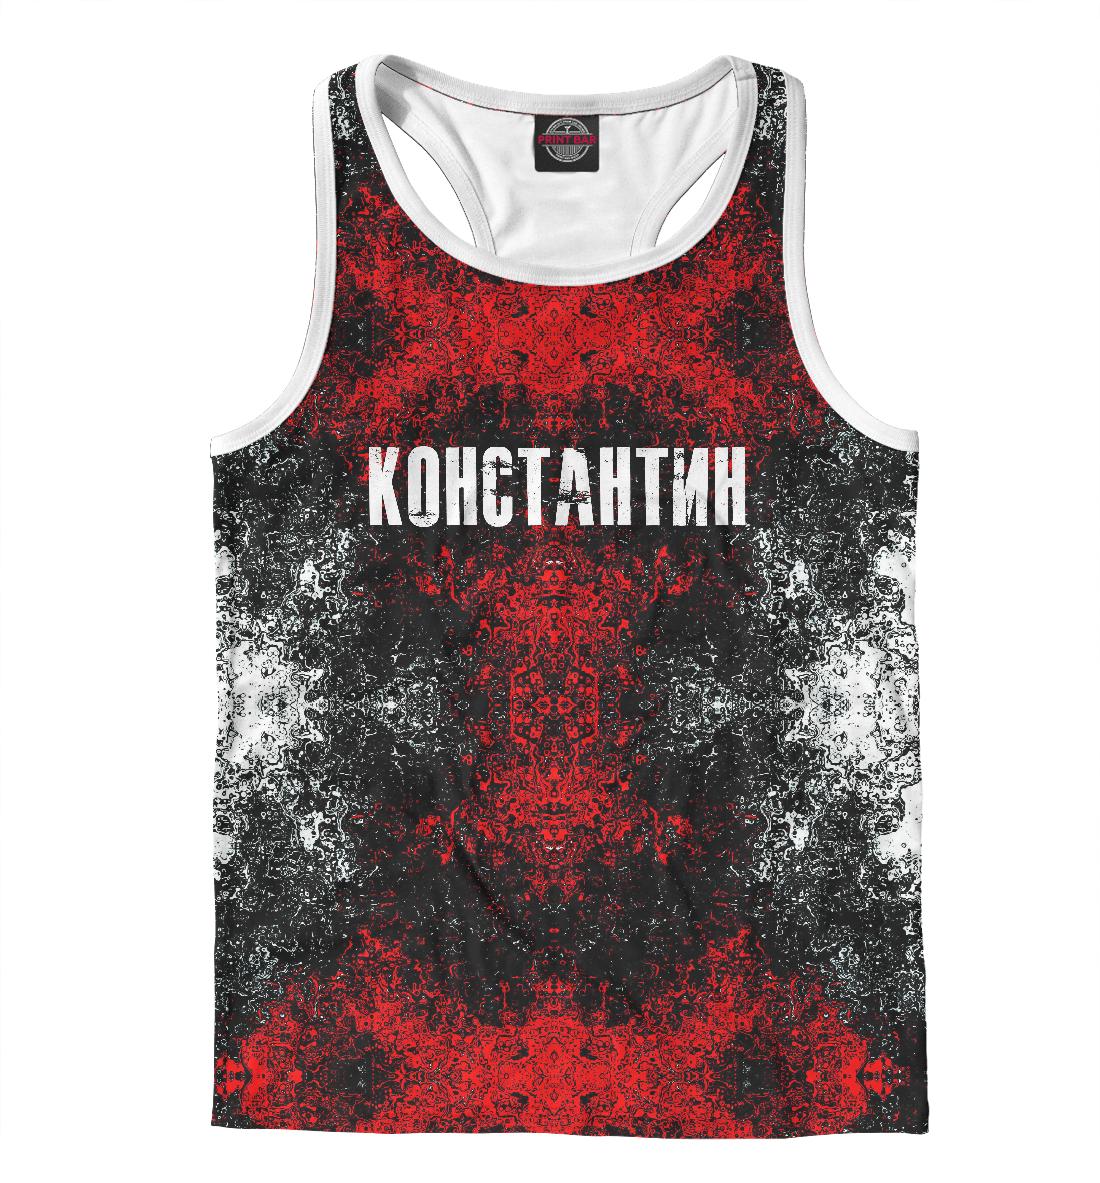 Купить Константин, Printbar, Майки борцовки, KST-707947-mayb-2